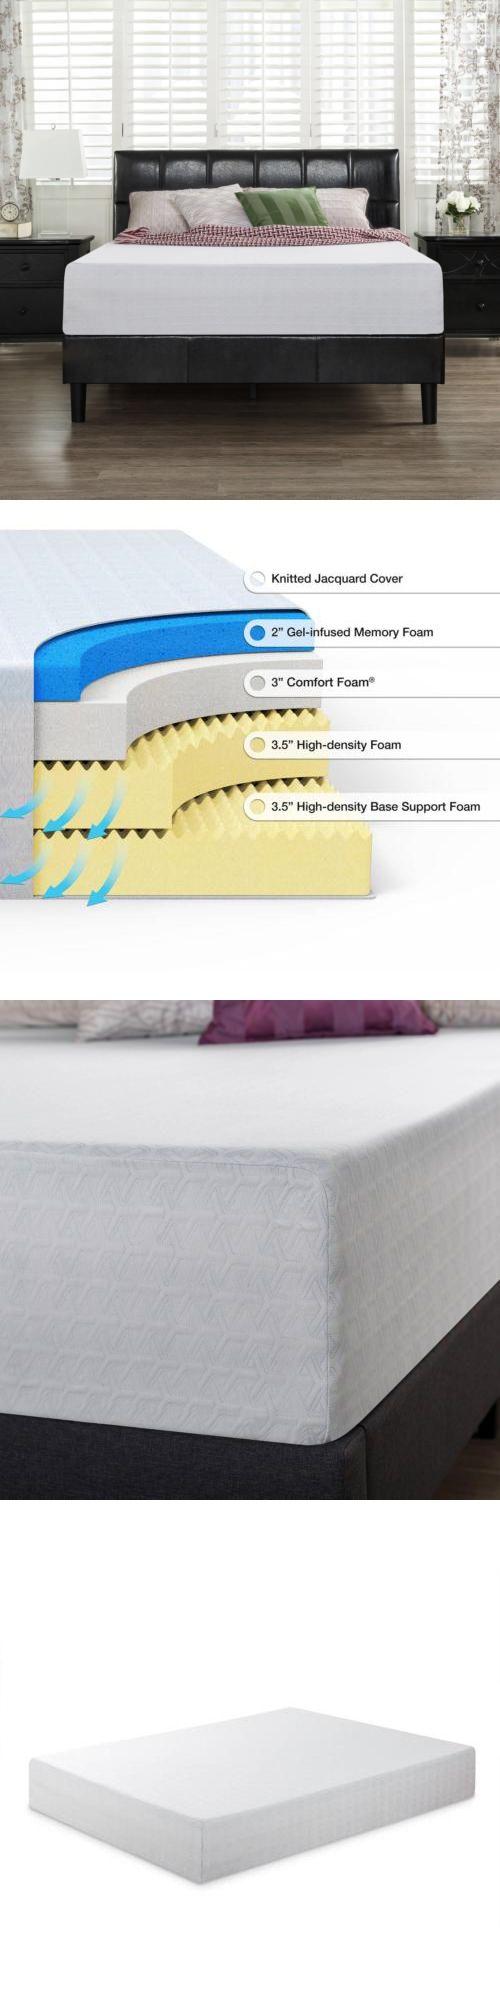 Bedding: Spa Sensations 12 Gel Memory Foam Comfort Mattress Twin Full Queen King Size -> BUY IT NOW ONLY: $233.9 on eBay!